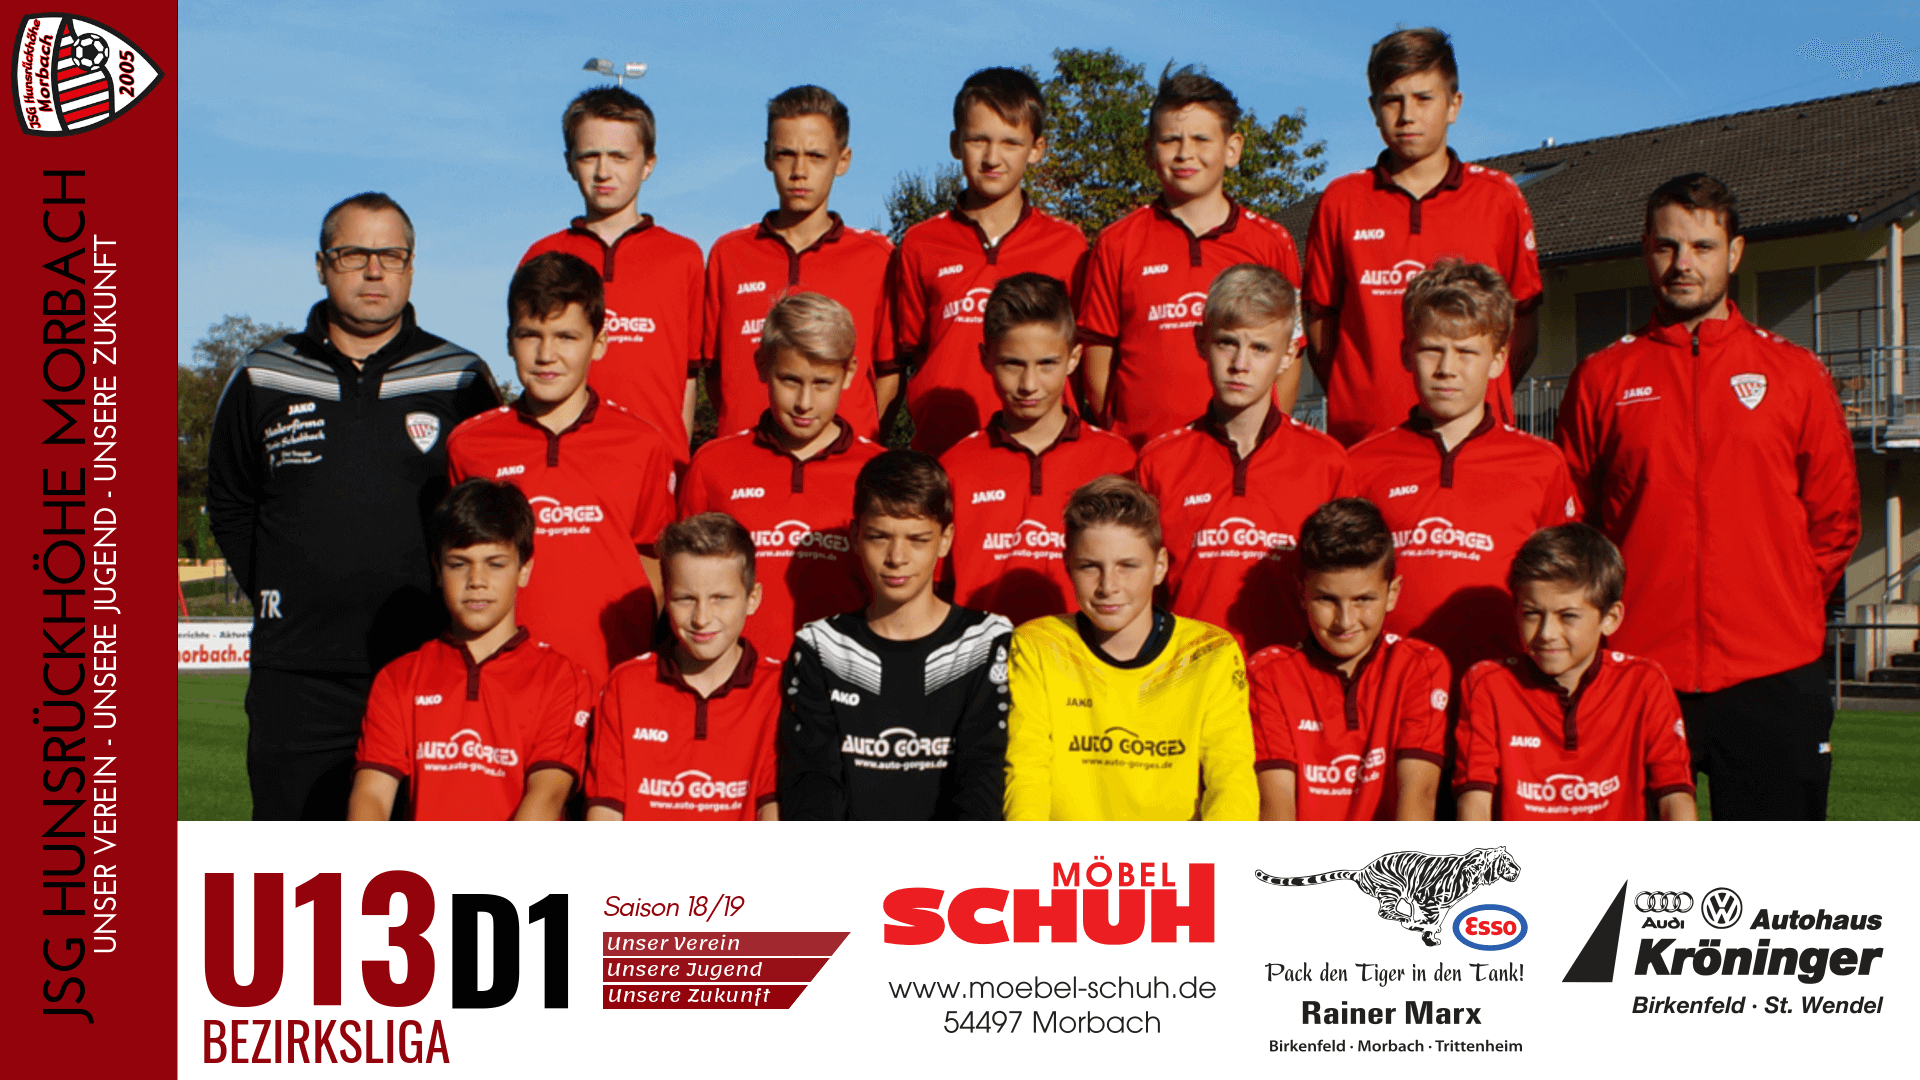 U13 D1: Vorbericht ~ FC Trier – JSG Morbach ~ Sa., 03.11.18 11:00